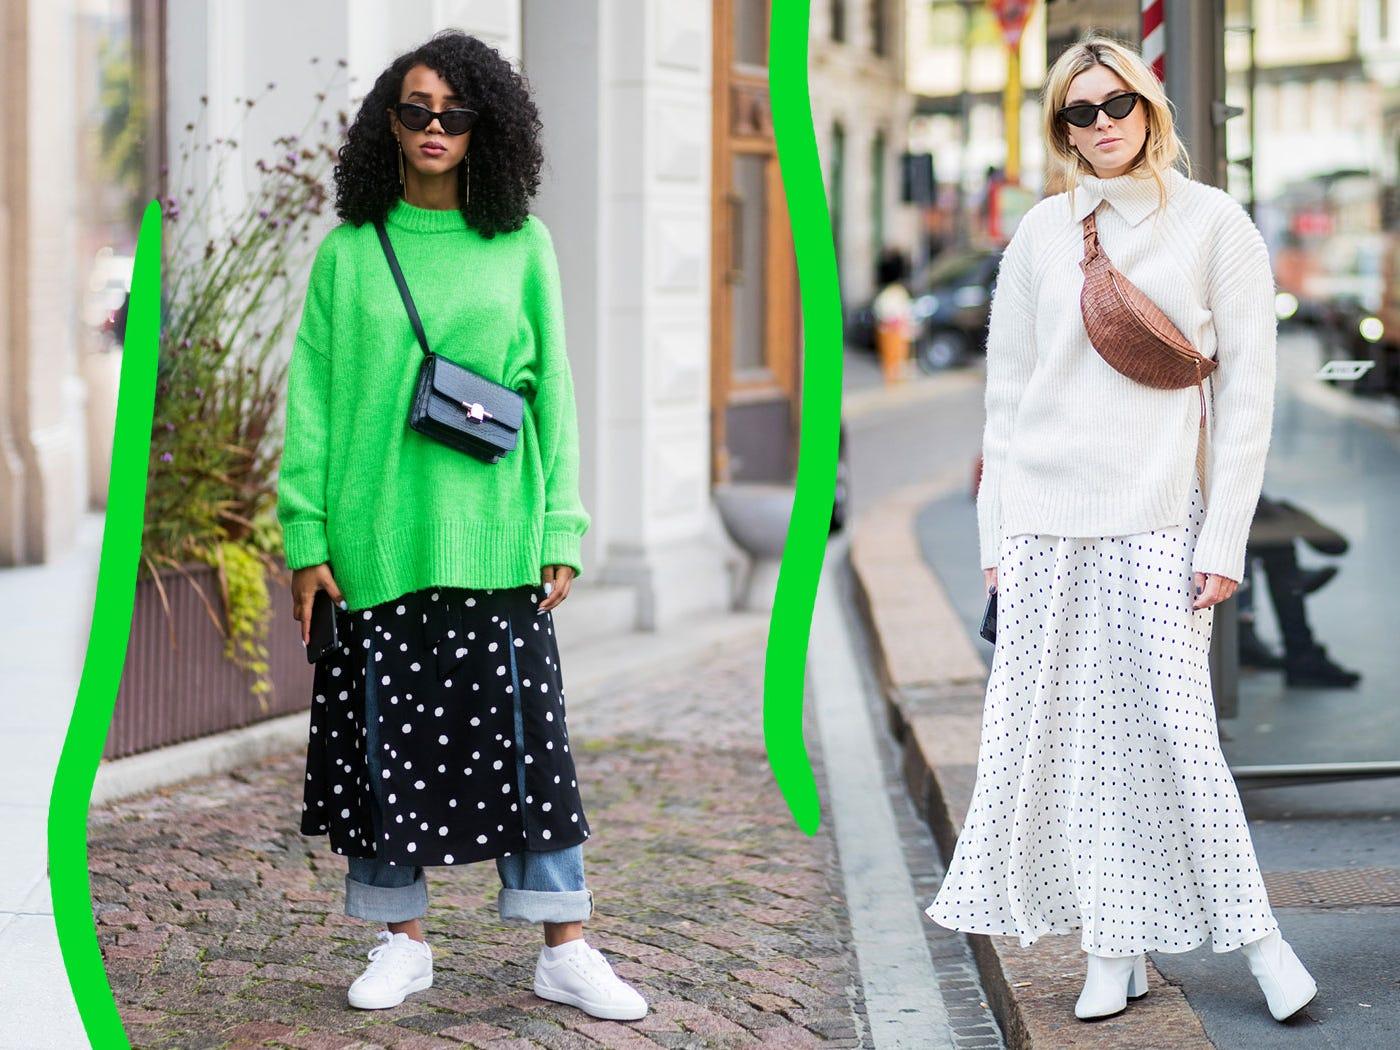 Resultado de imagen de e POLKADOT skirt paired with chunky knits